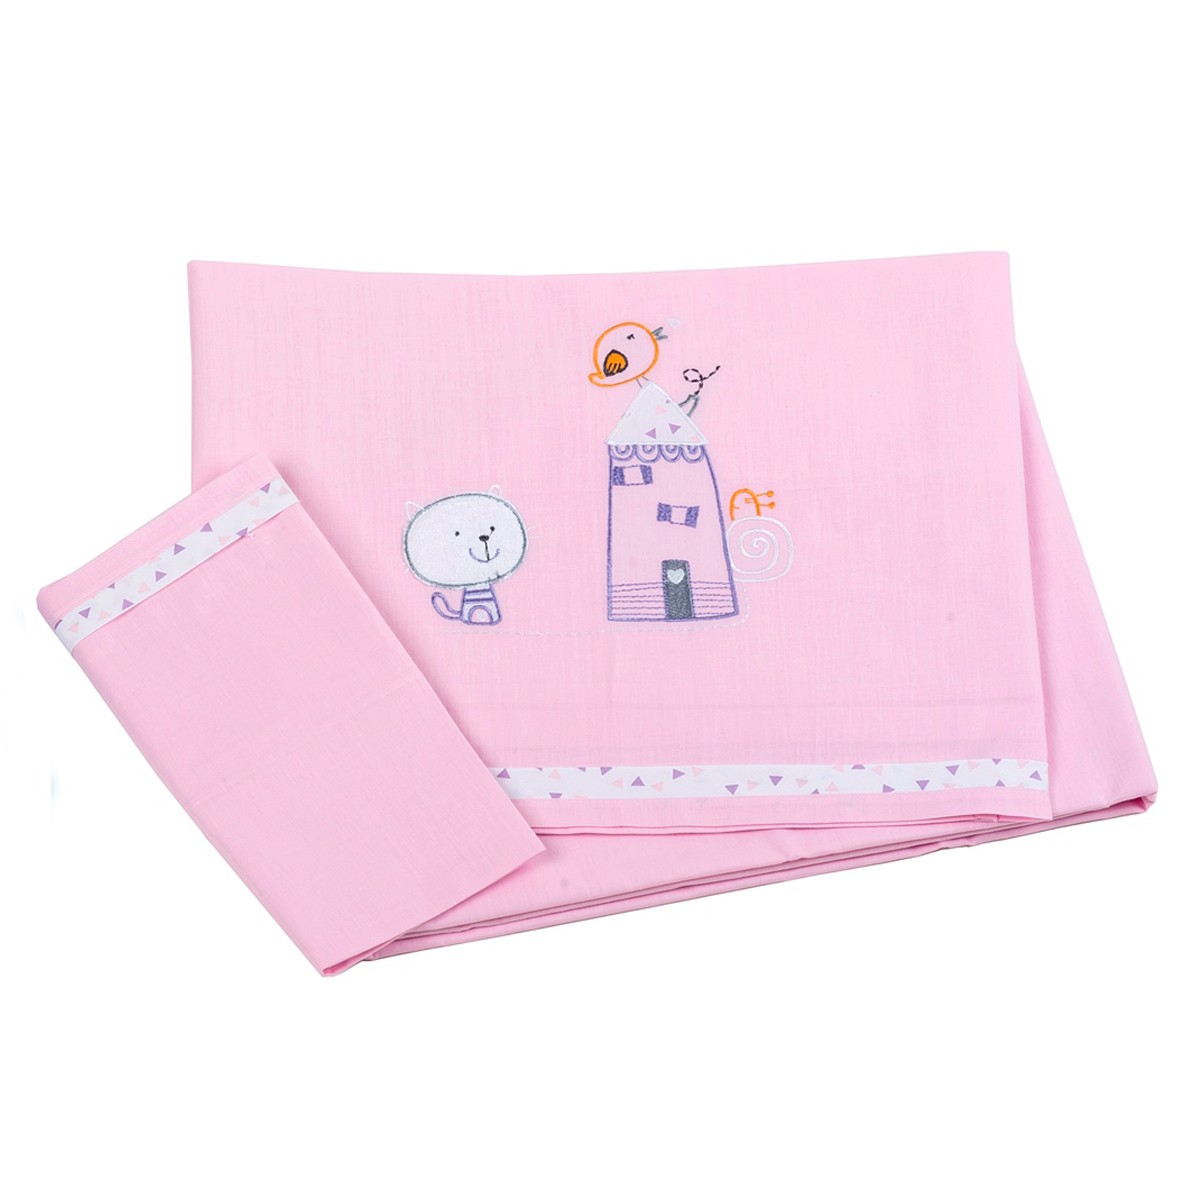 Σεντόνια Κούνιας (Σετ) Κόσμος Του Μωρού Home 0290 Ροζ